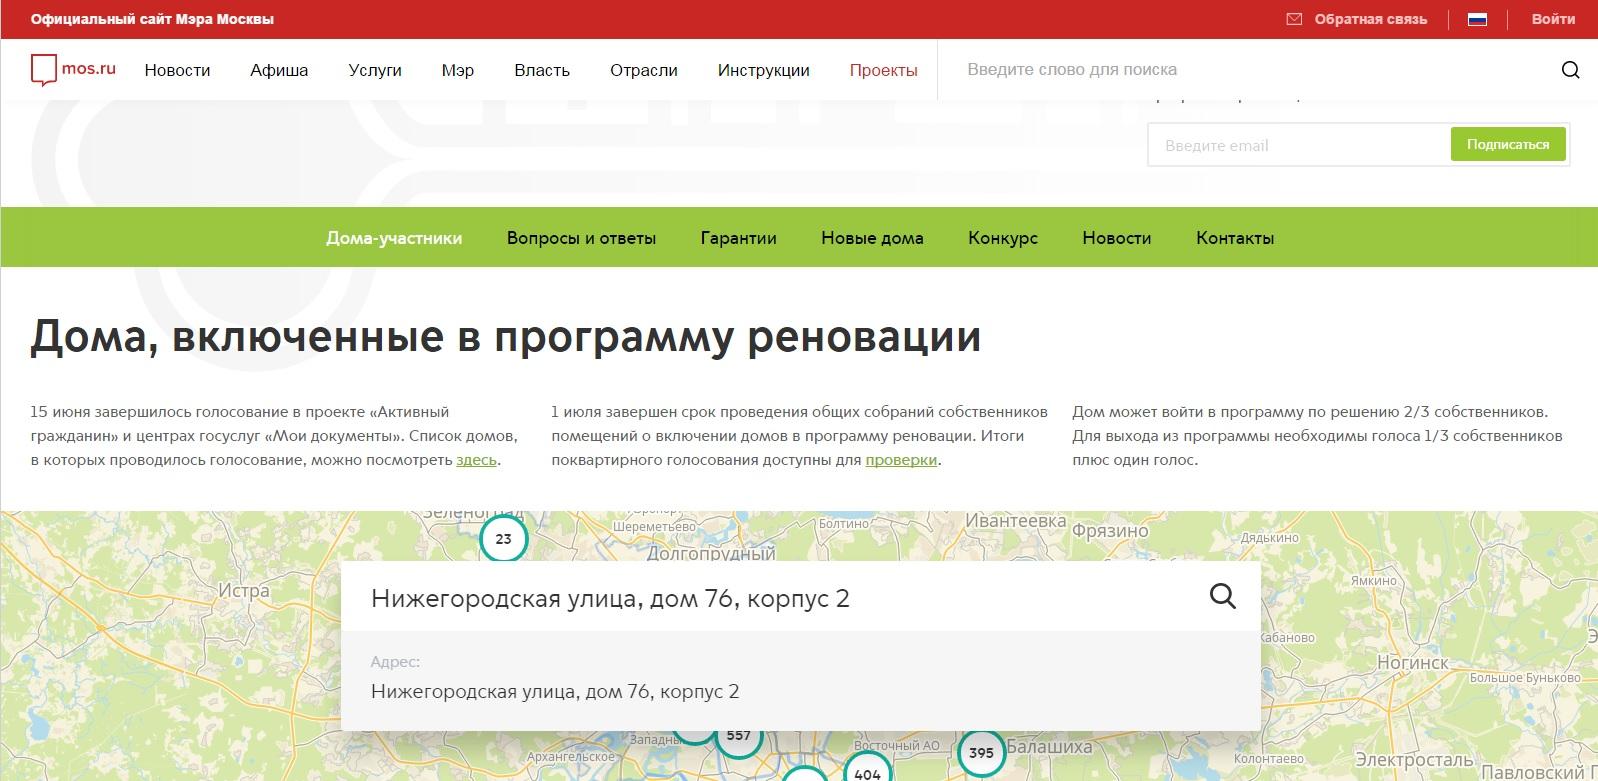 Интерактивная карта домов, включенных в программу реновации